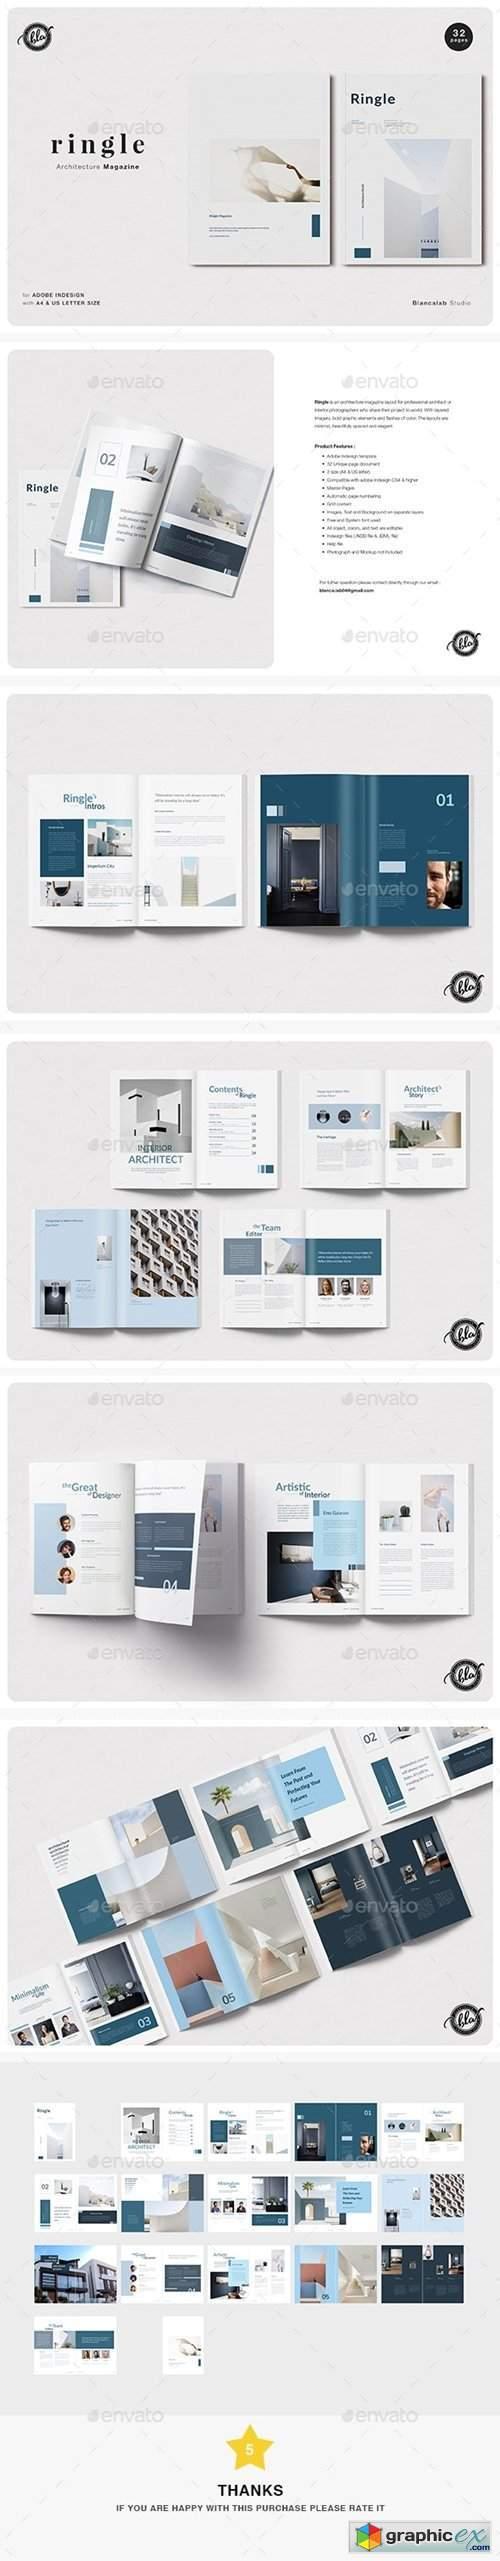 Ringle Architecture Magazine